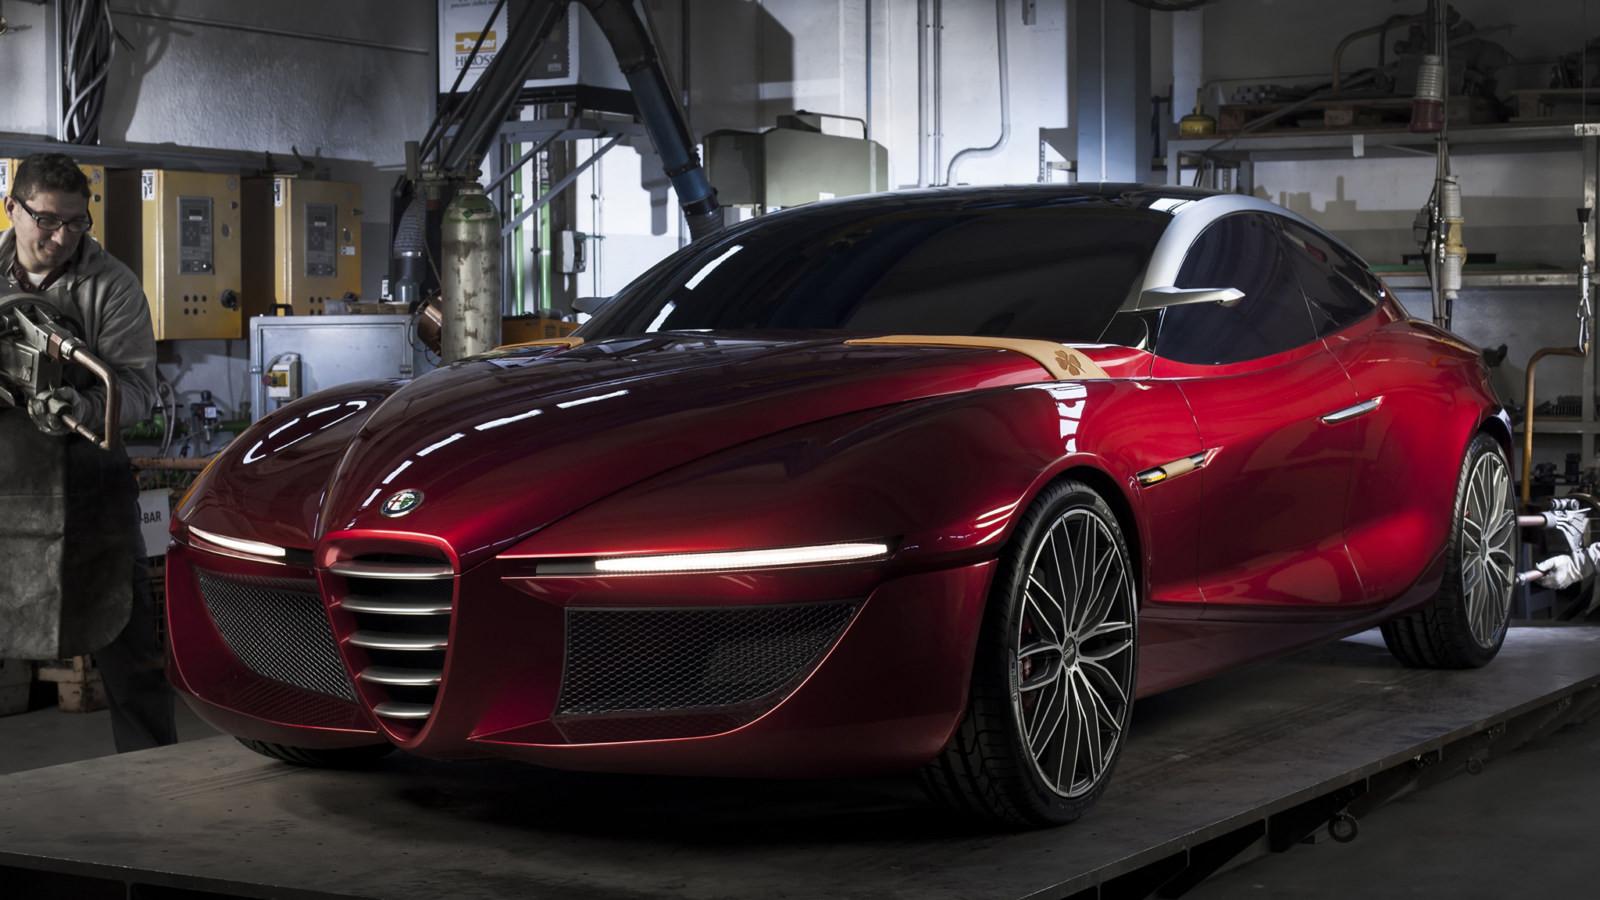 Новый тип спорткара Альфа Ромео 6C выйдет в 2020